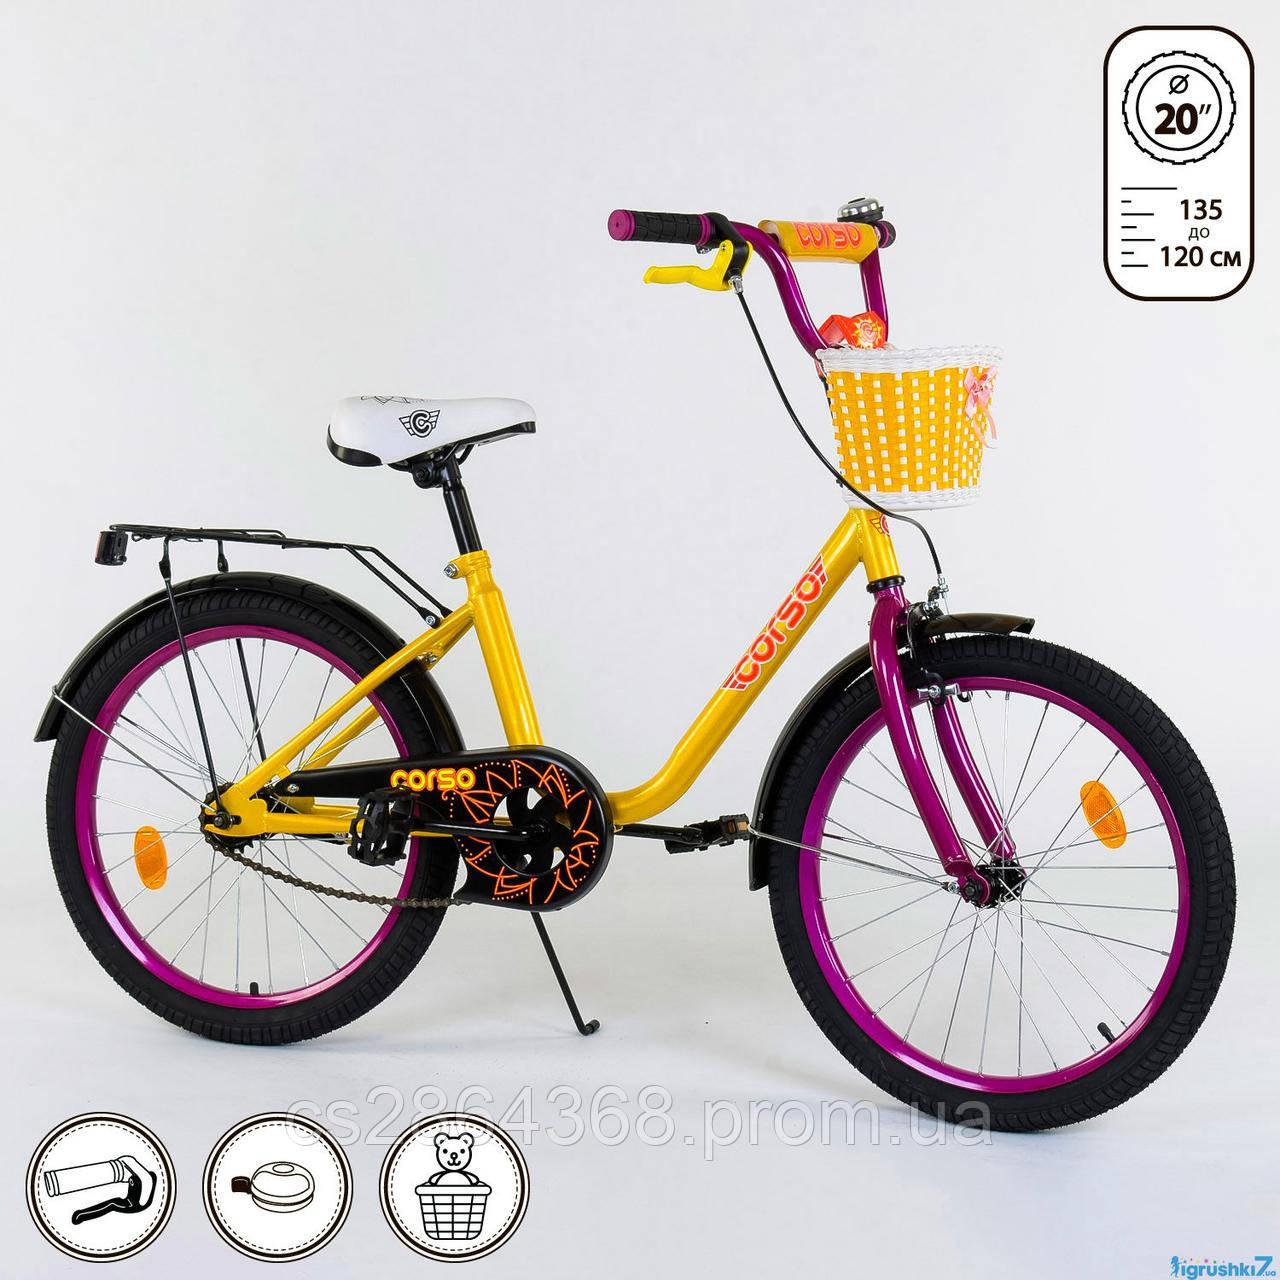 Велосипед для девочек с корзинкой Corso 20 дюймов Желтый